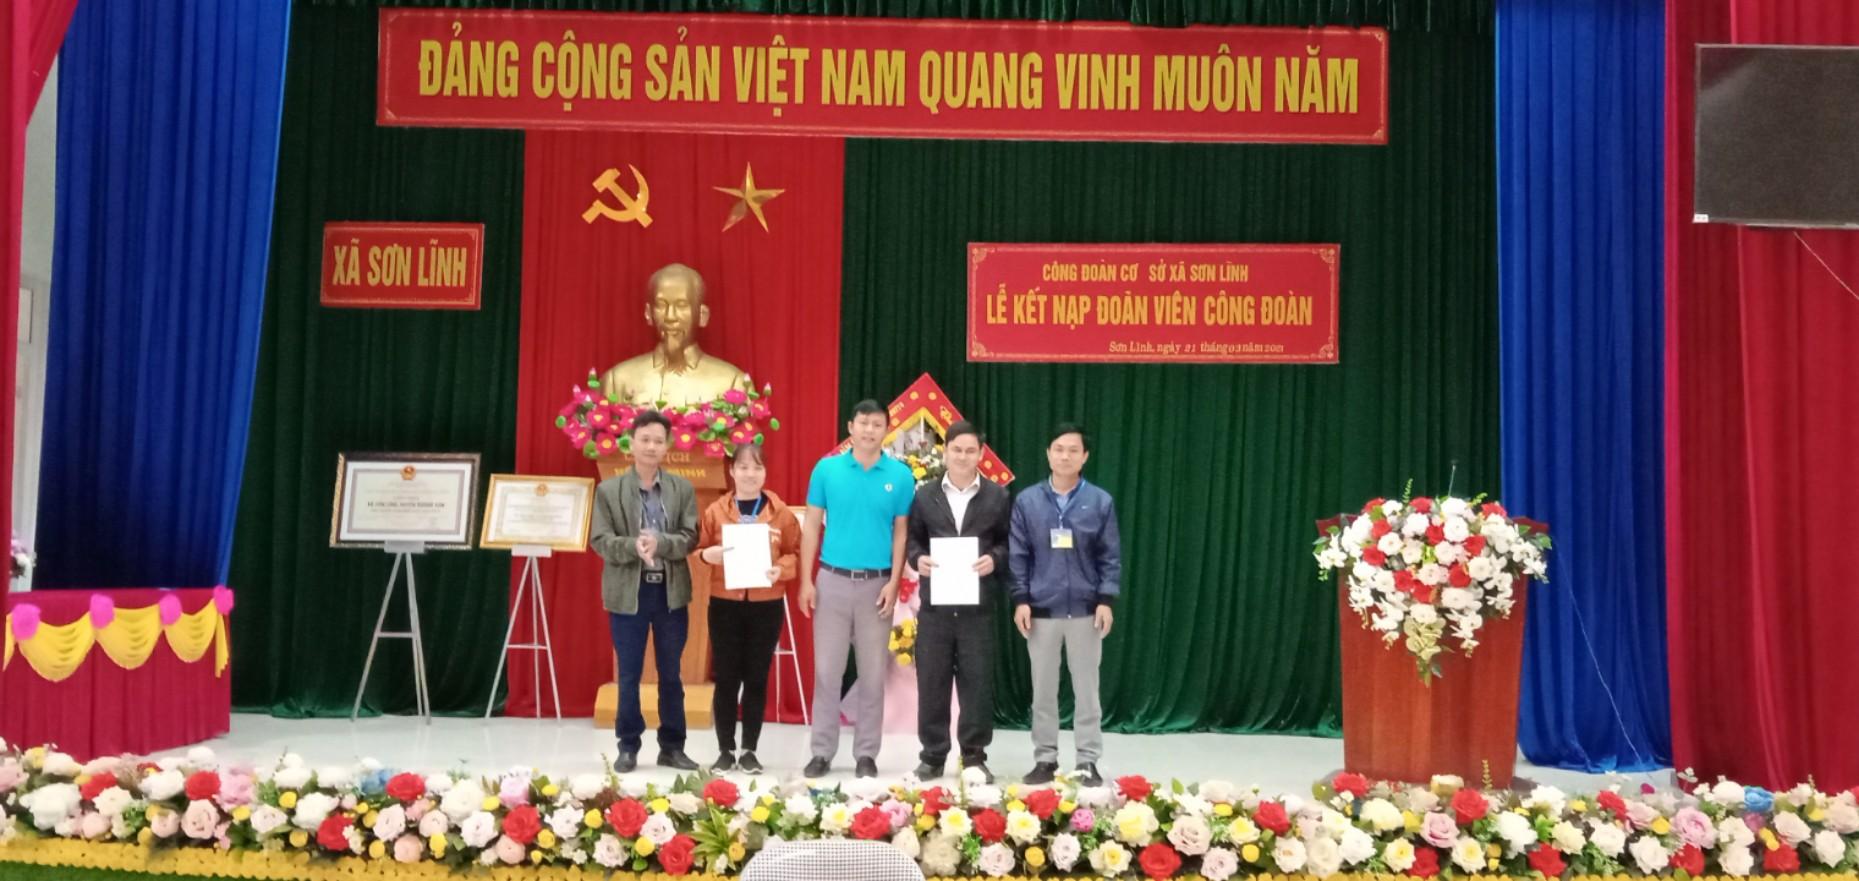 Công đoàn cơ sở xã Sơn Lĩnh: Nhiều hoạt động thiết thực hưởng ứng Tháng Công nhân năm 2021.